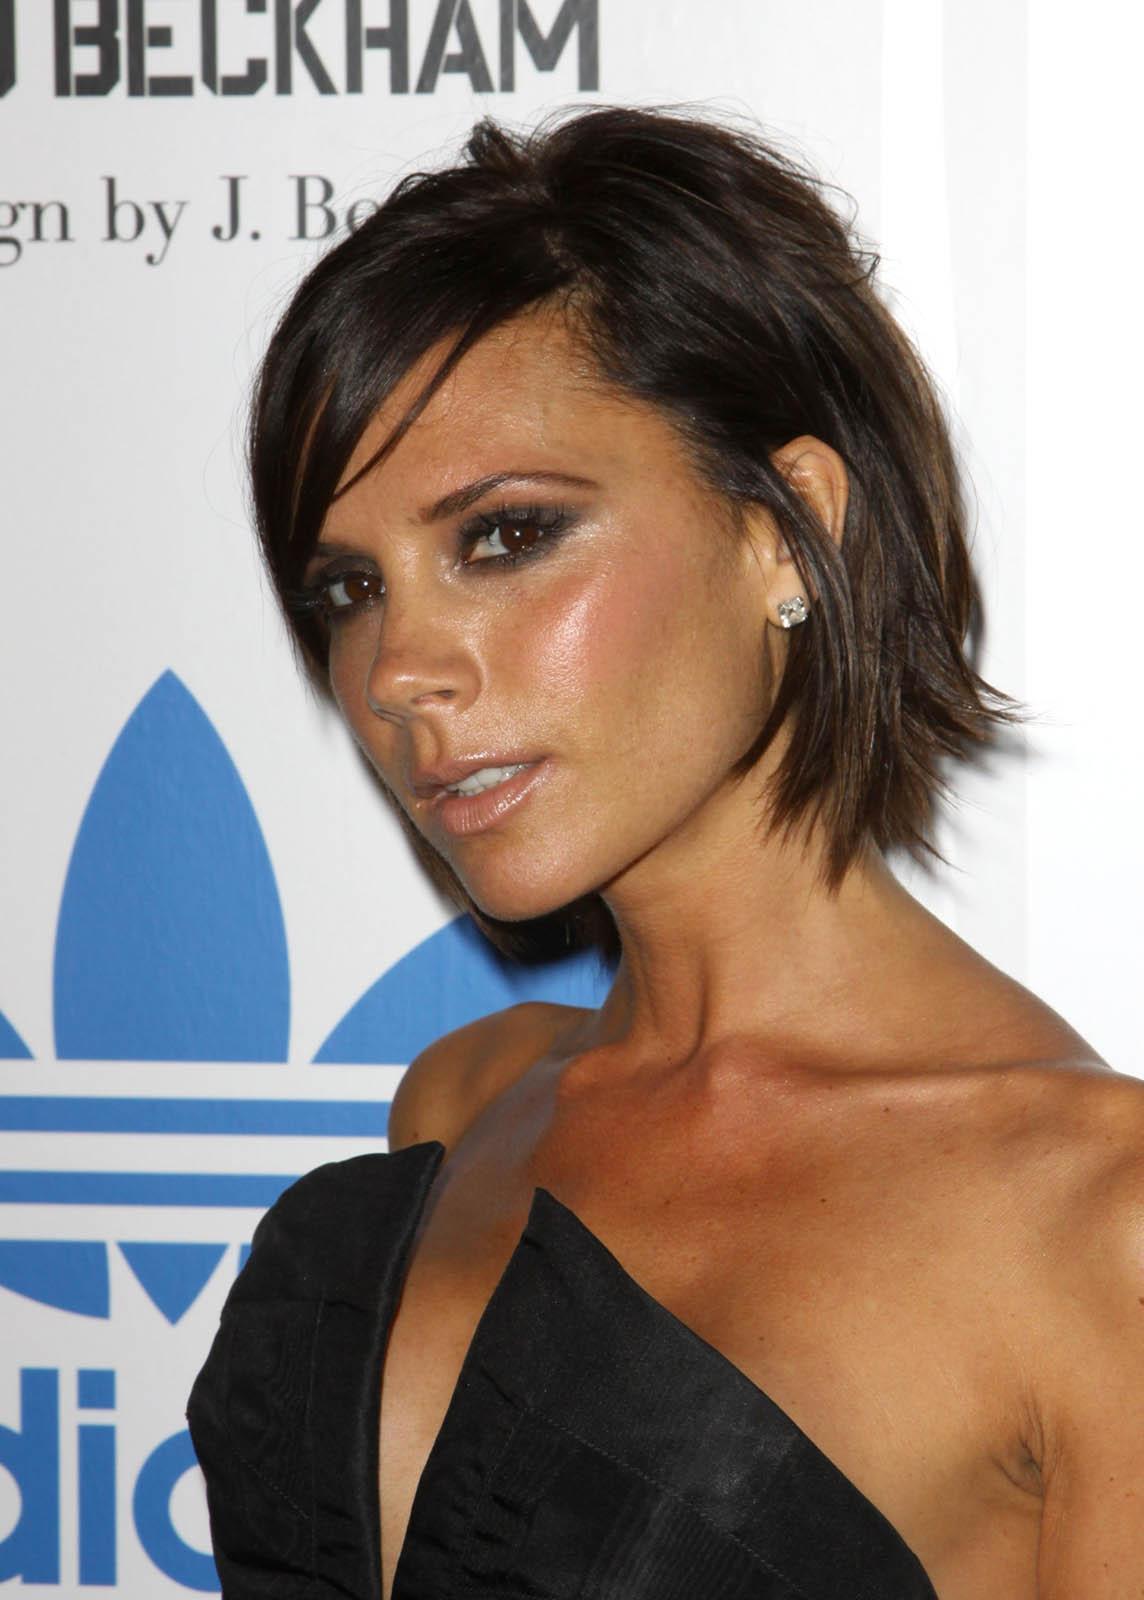 http://1.bp.blogspot.com/_PEPWIqGX5Uo/S8M_MYXiUVI/AAAAAAAAT1Q/ZR106nnUaxo/s1600/3Victoria+Beckham.jpeg